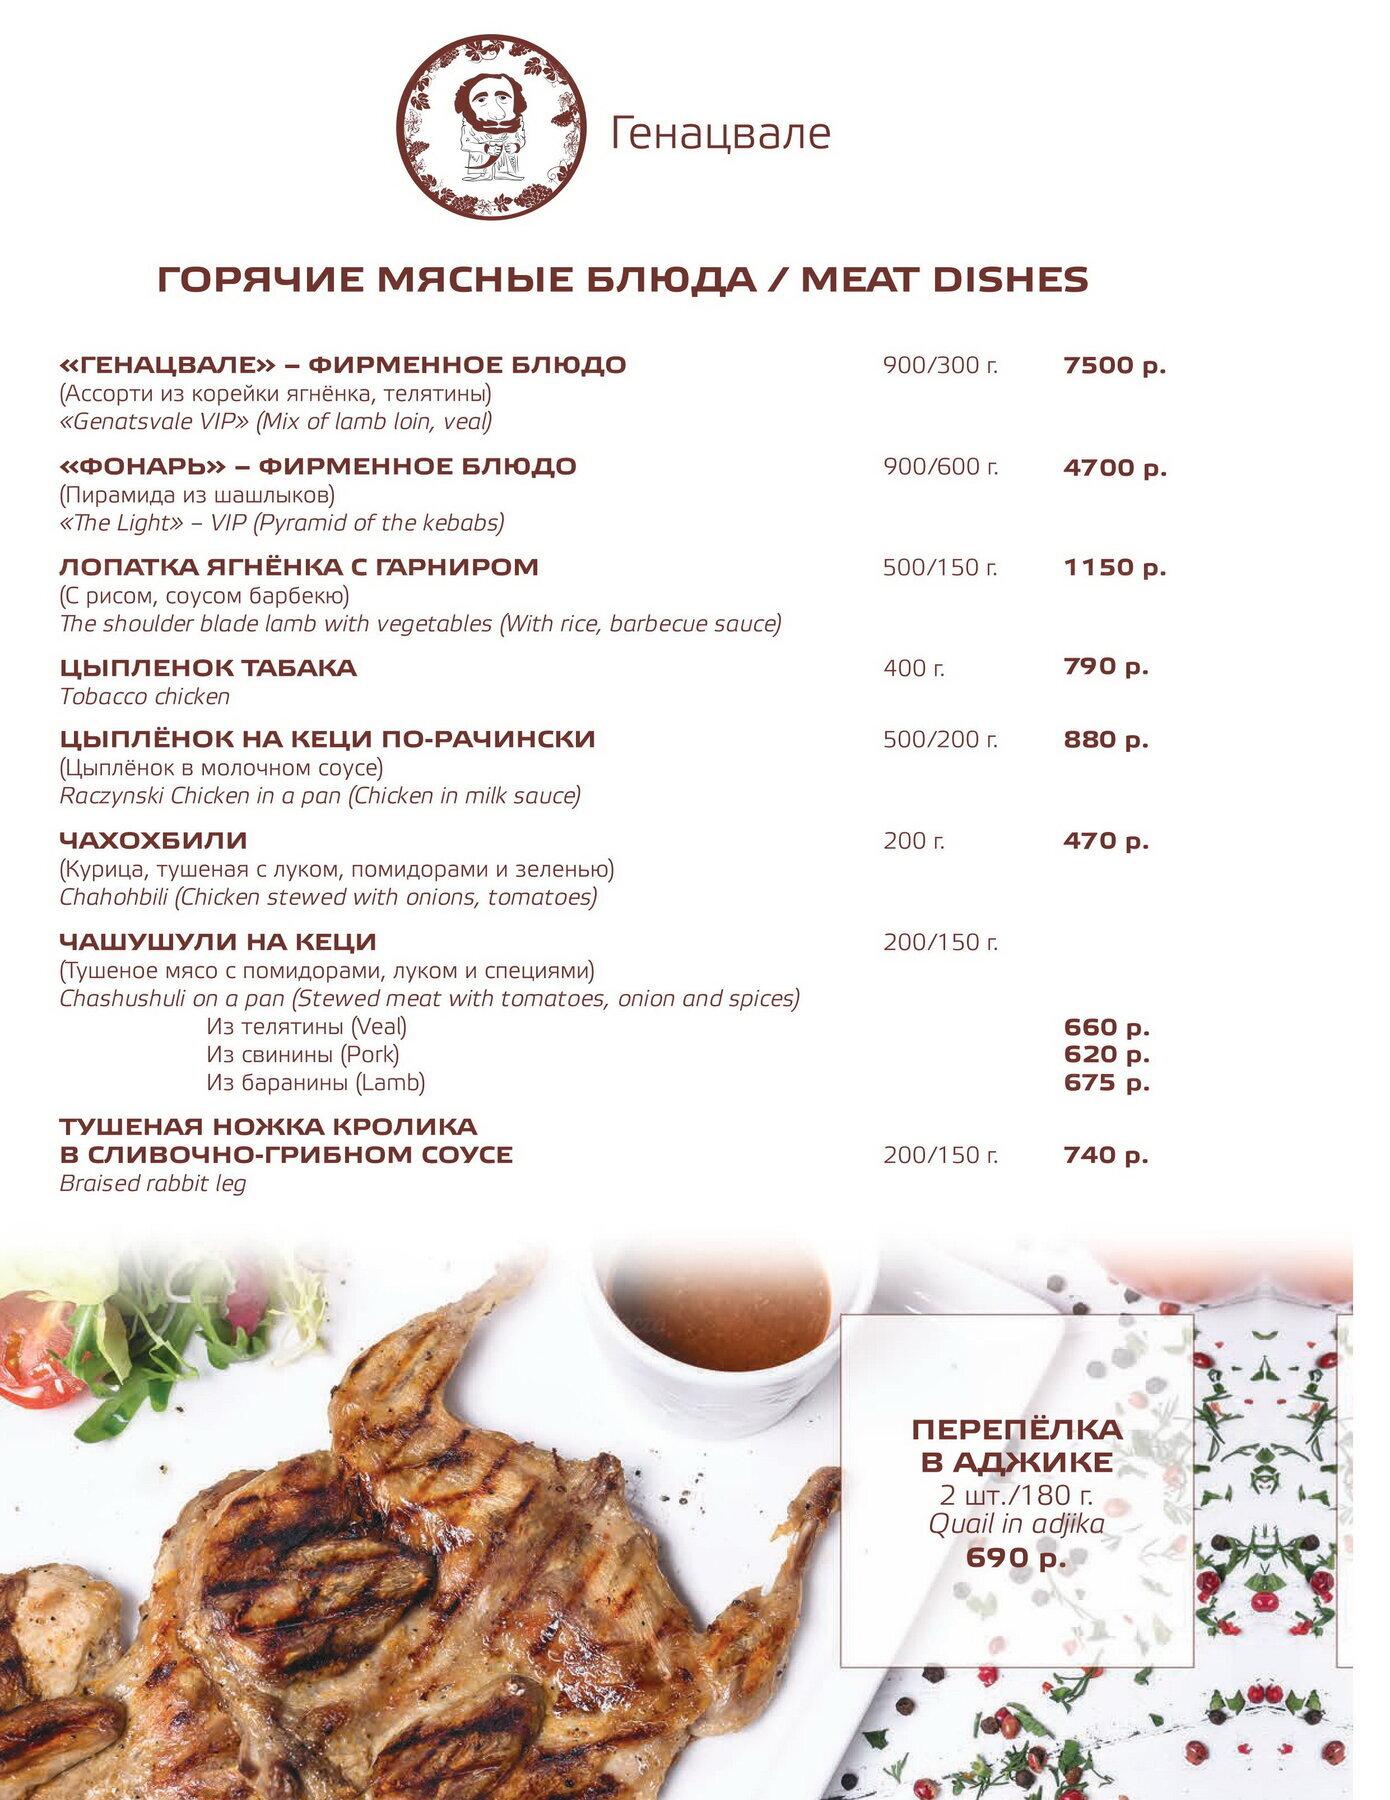 Меню ресторана Генацвале VIP на улице Остоженка фото 11